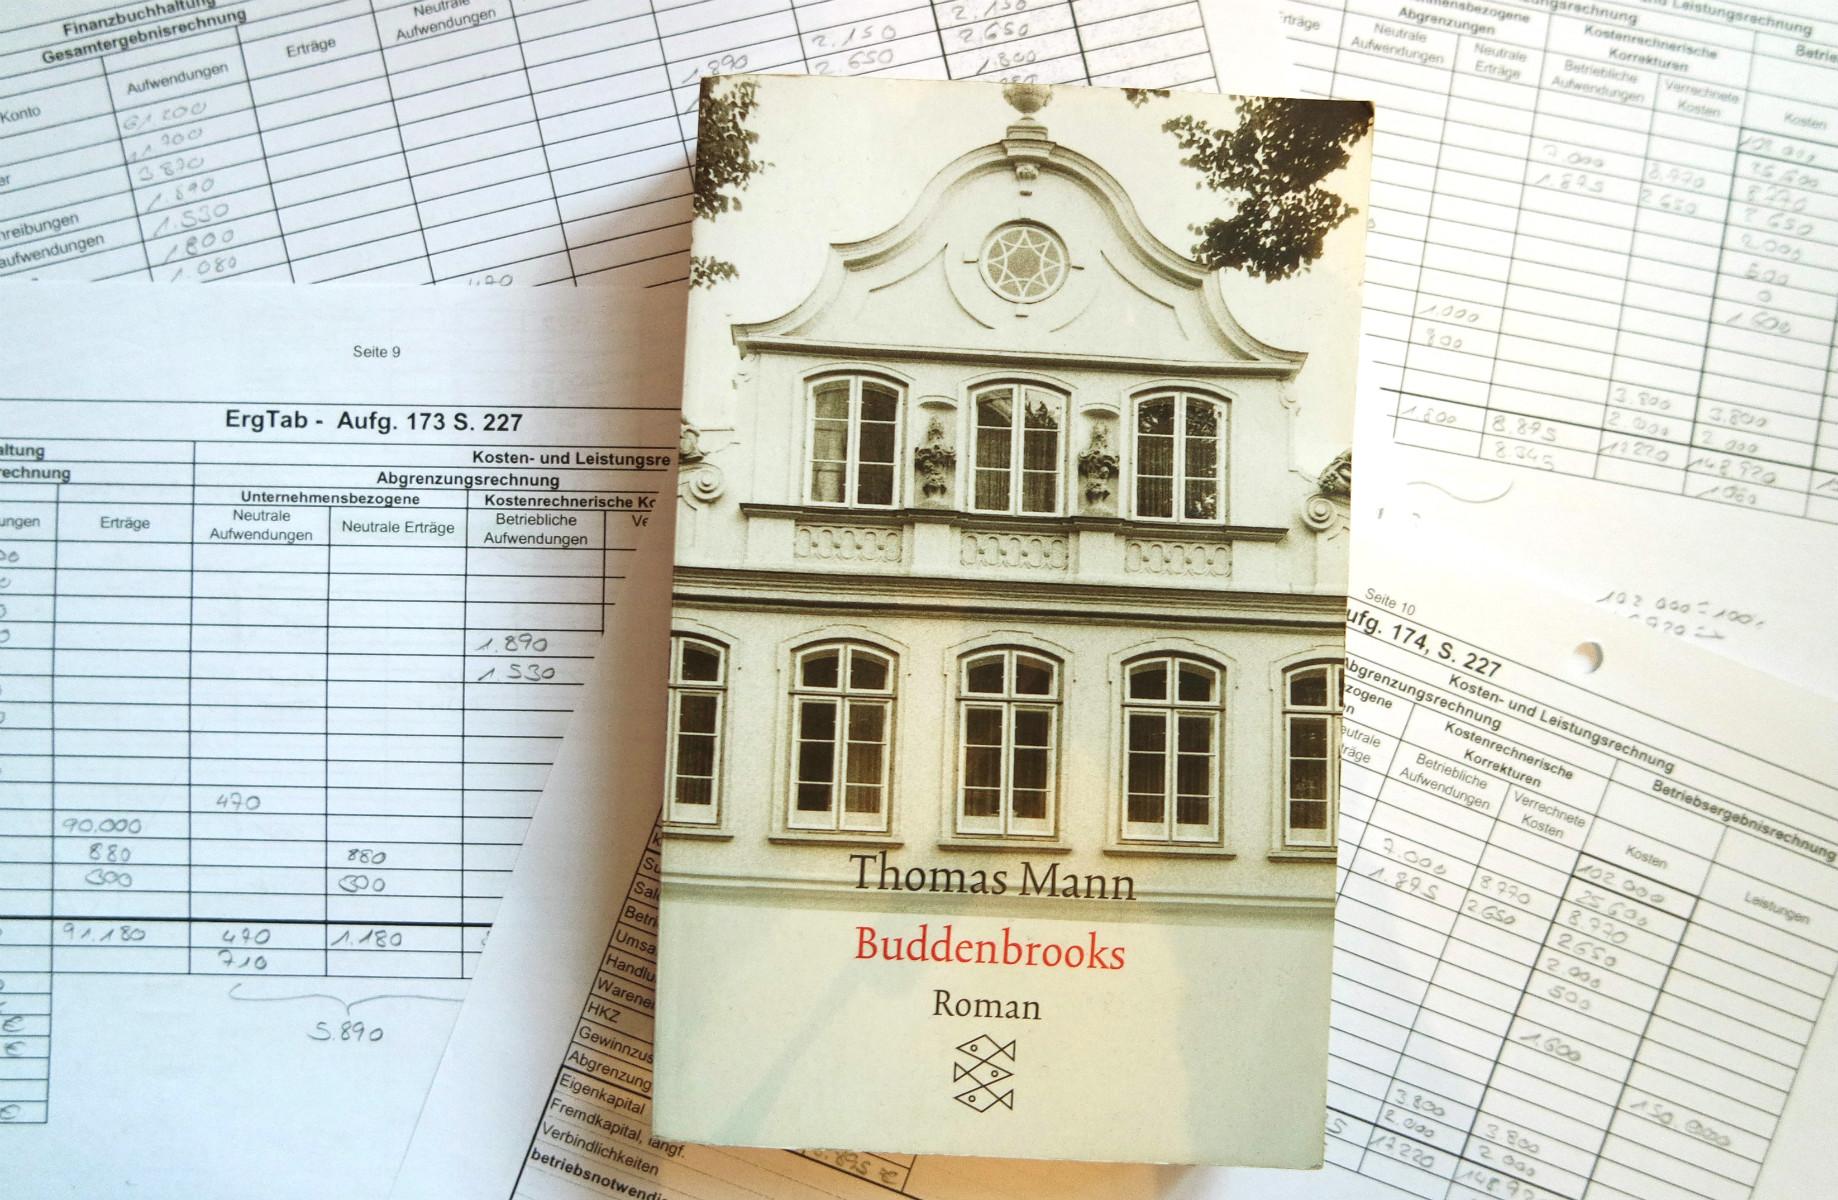 Thomas Mann Buddenbrooks Schiefgelesen